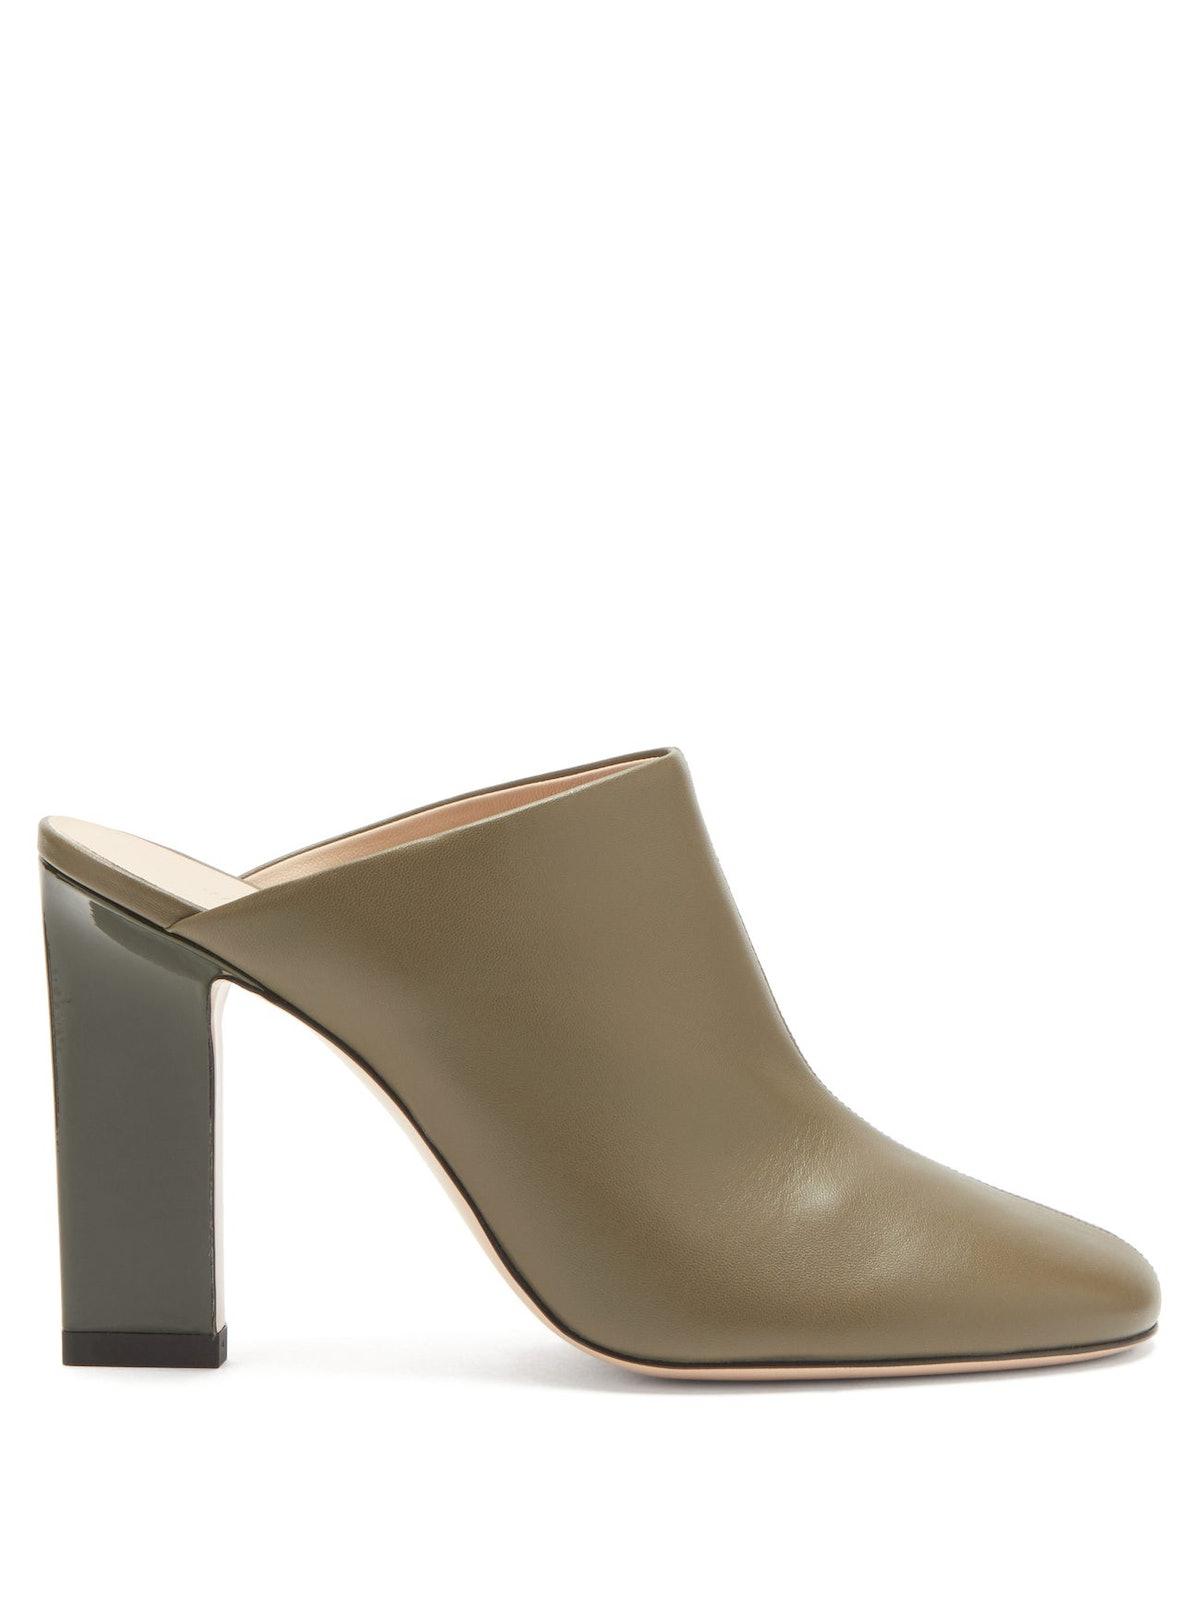 Casta Block-Heel Leather Mules